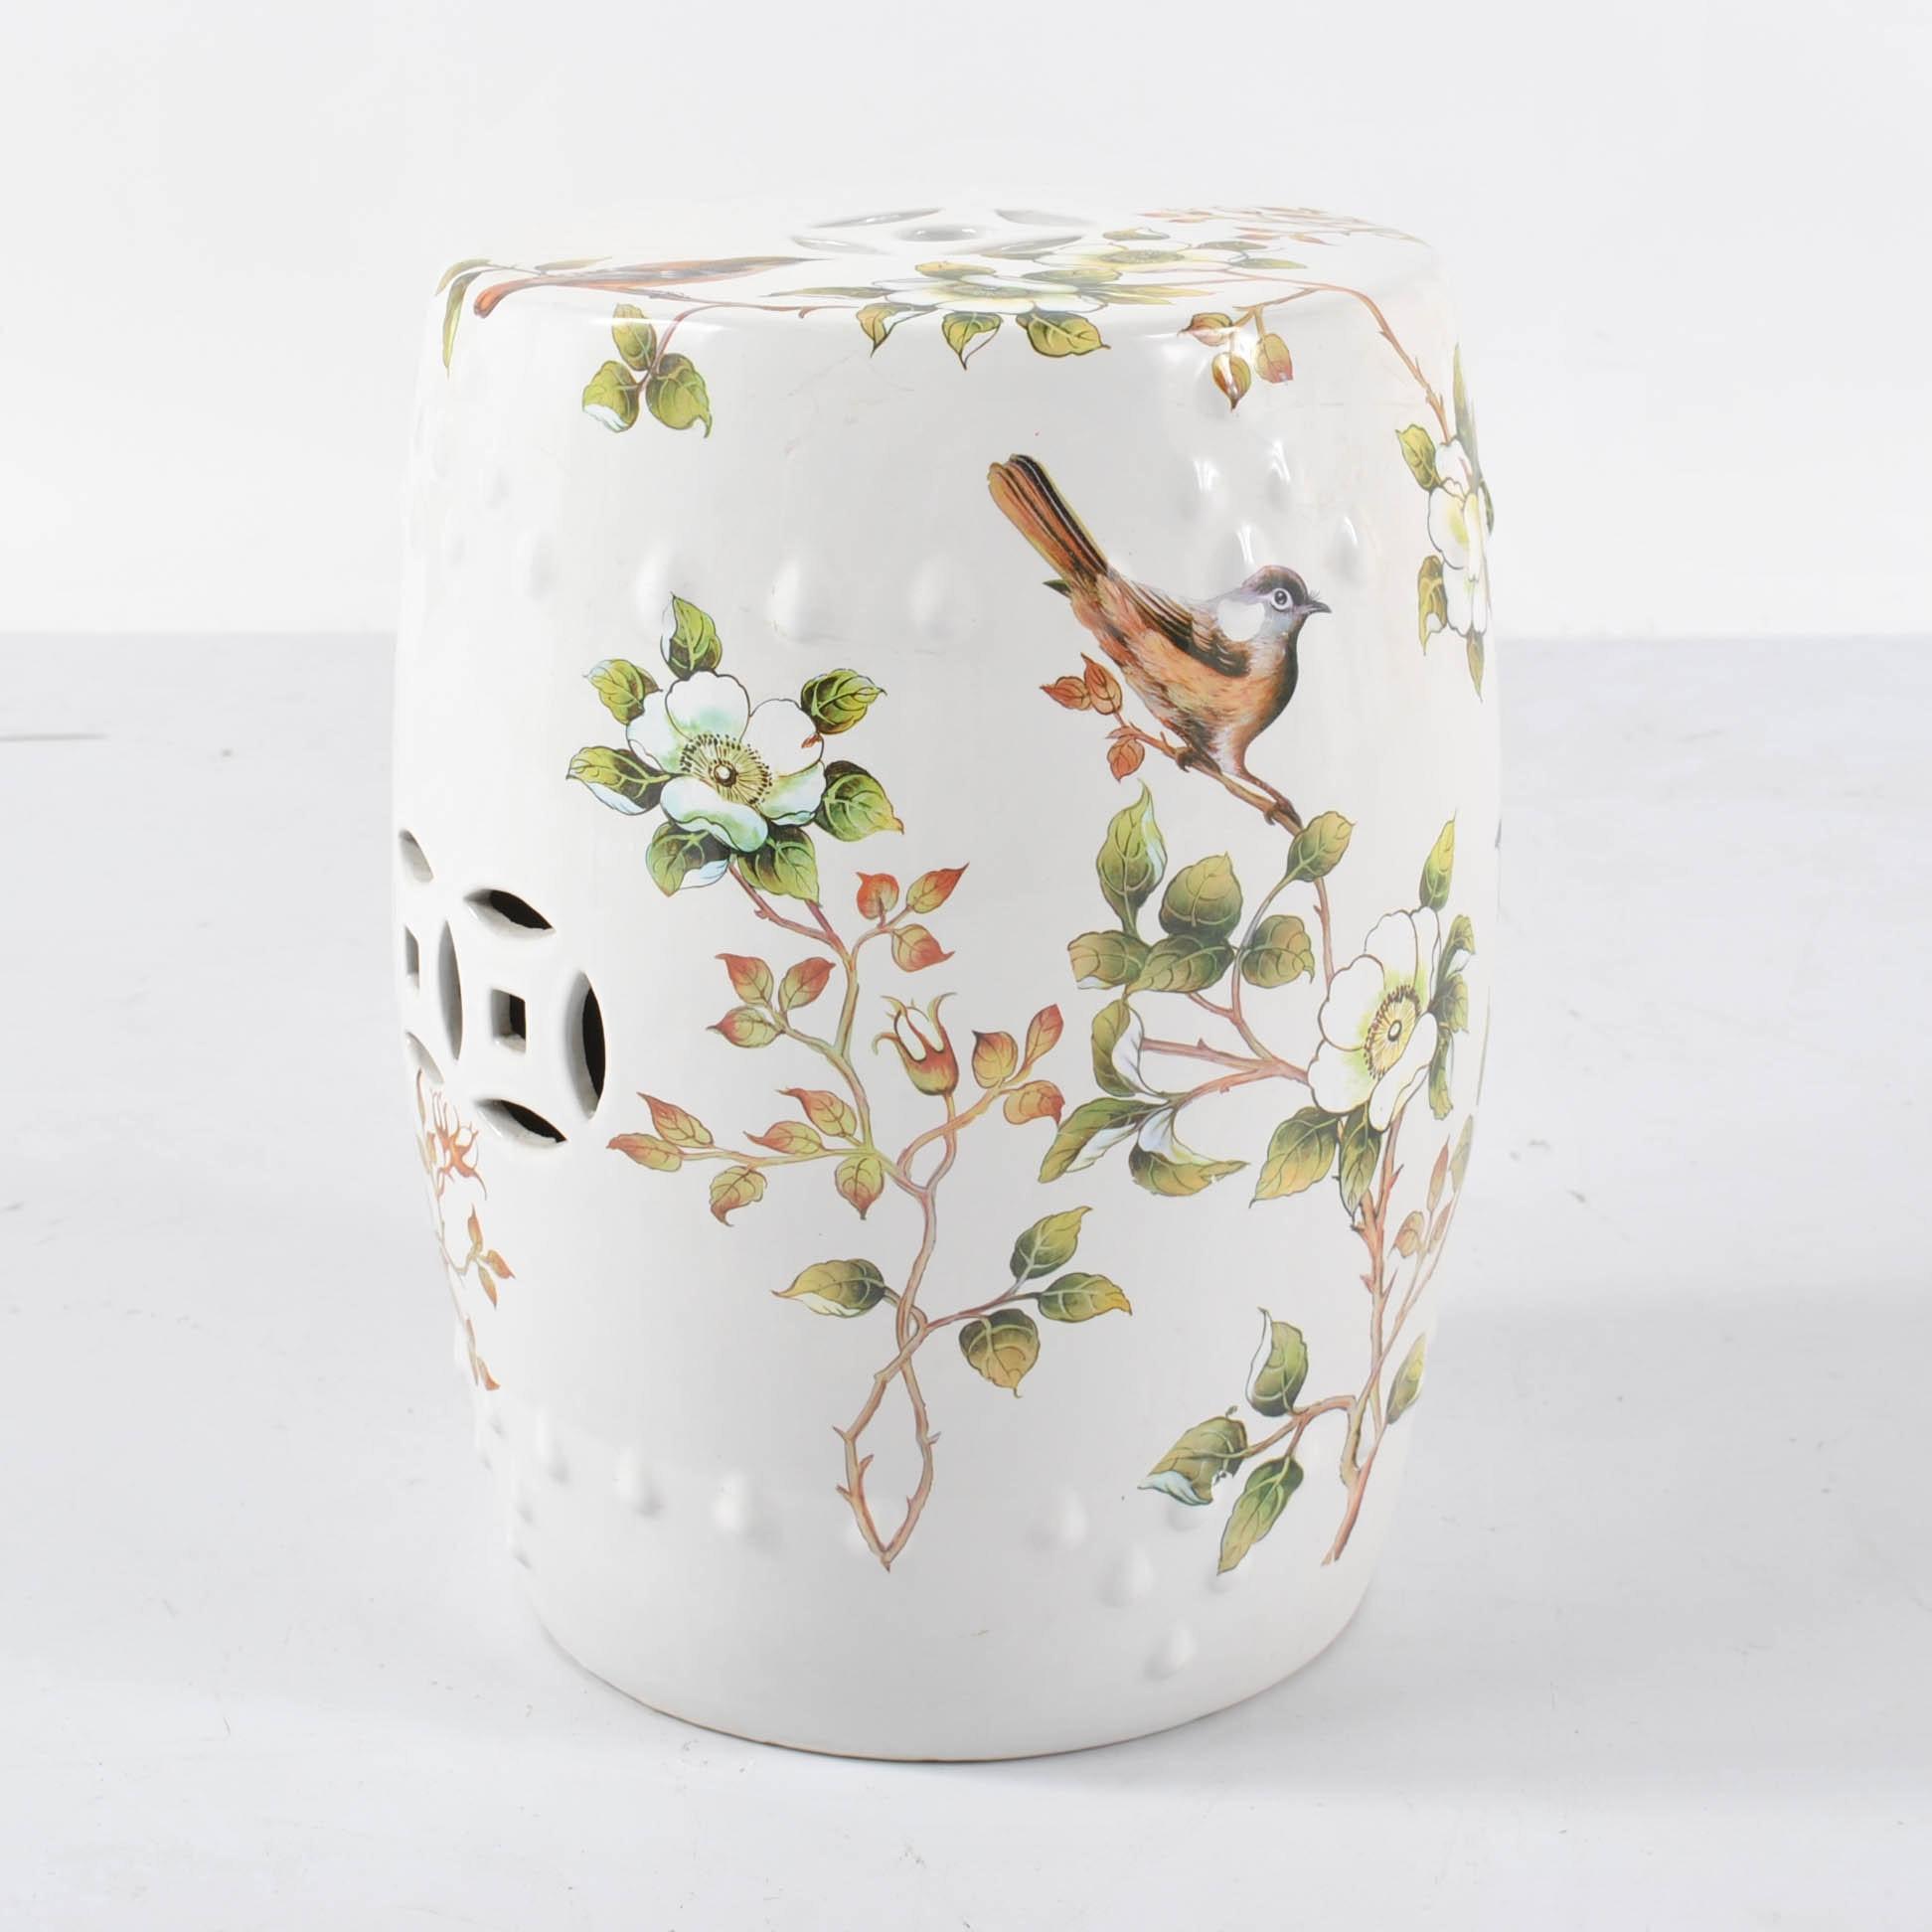 Chinese Floral Motif Ceramic Garden Stool